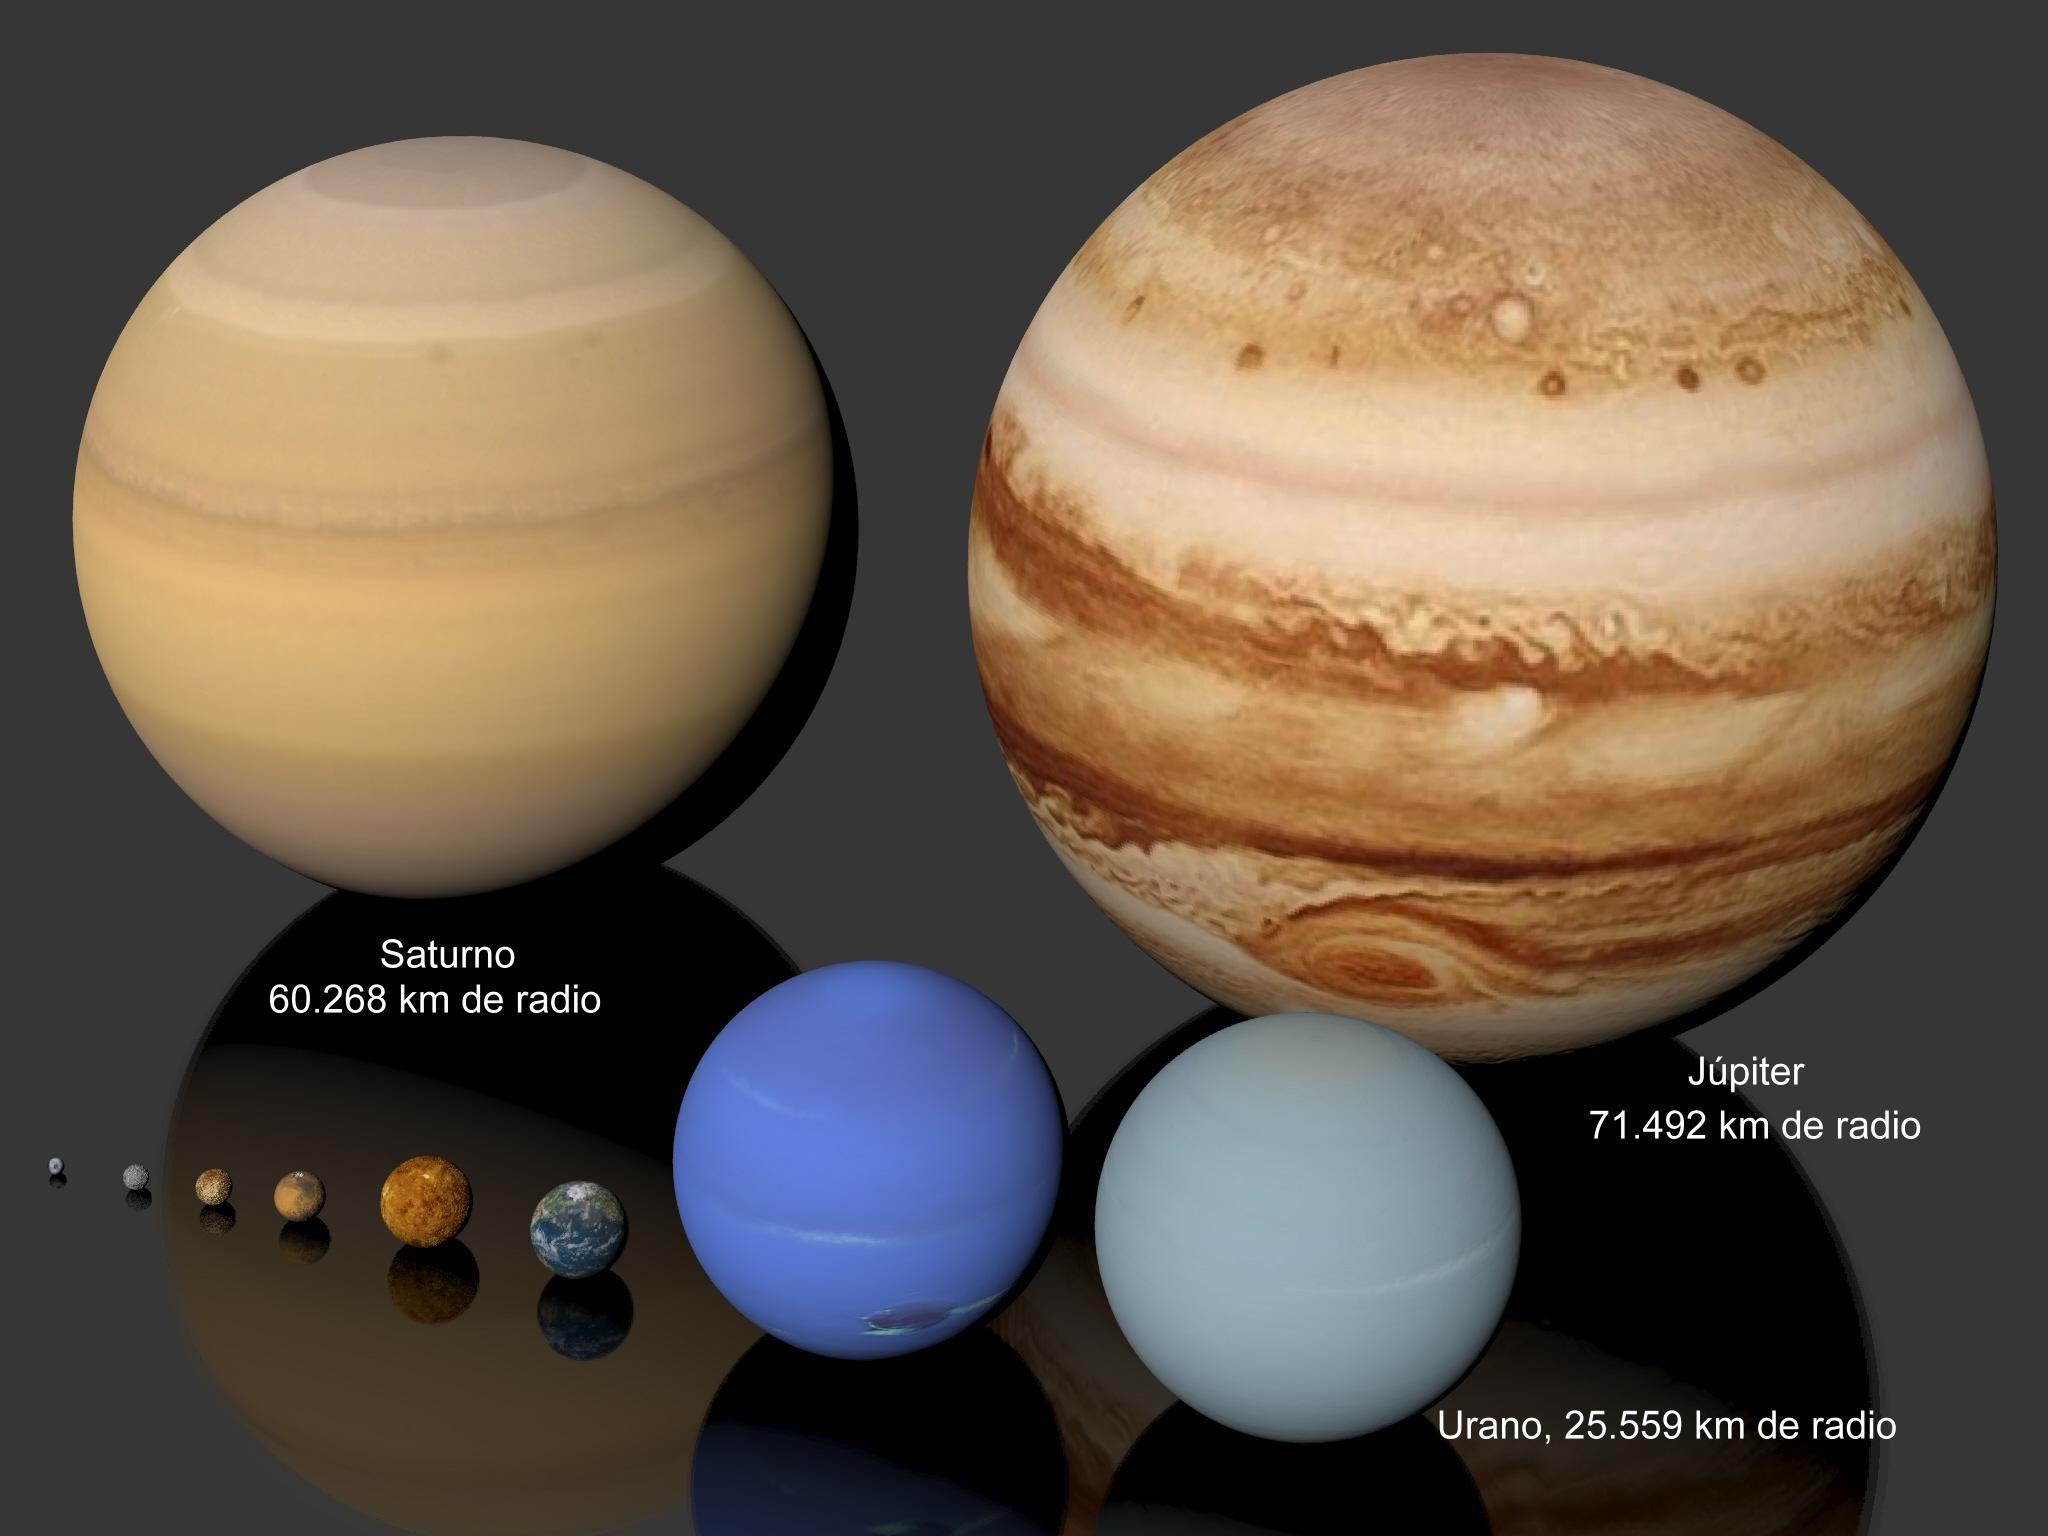 Planetas Mayores Caracteristicas De Los Planetas Tamaño De Los Planetas Planetas